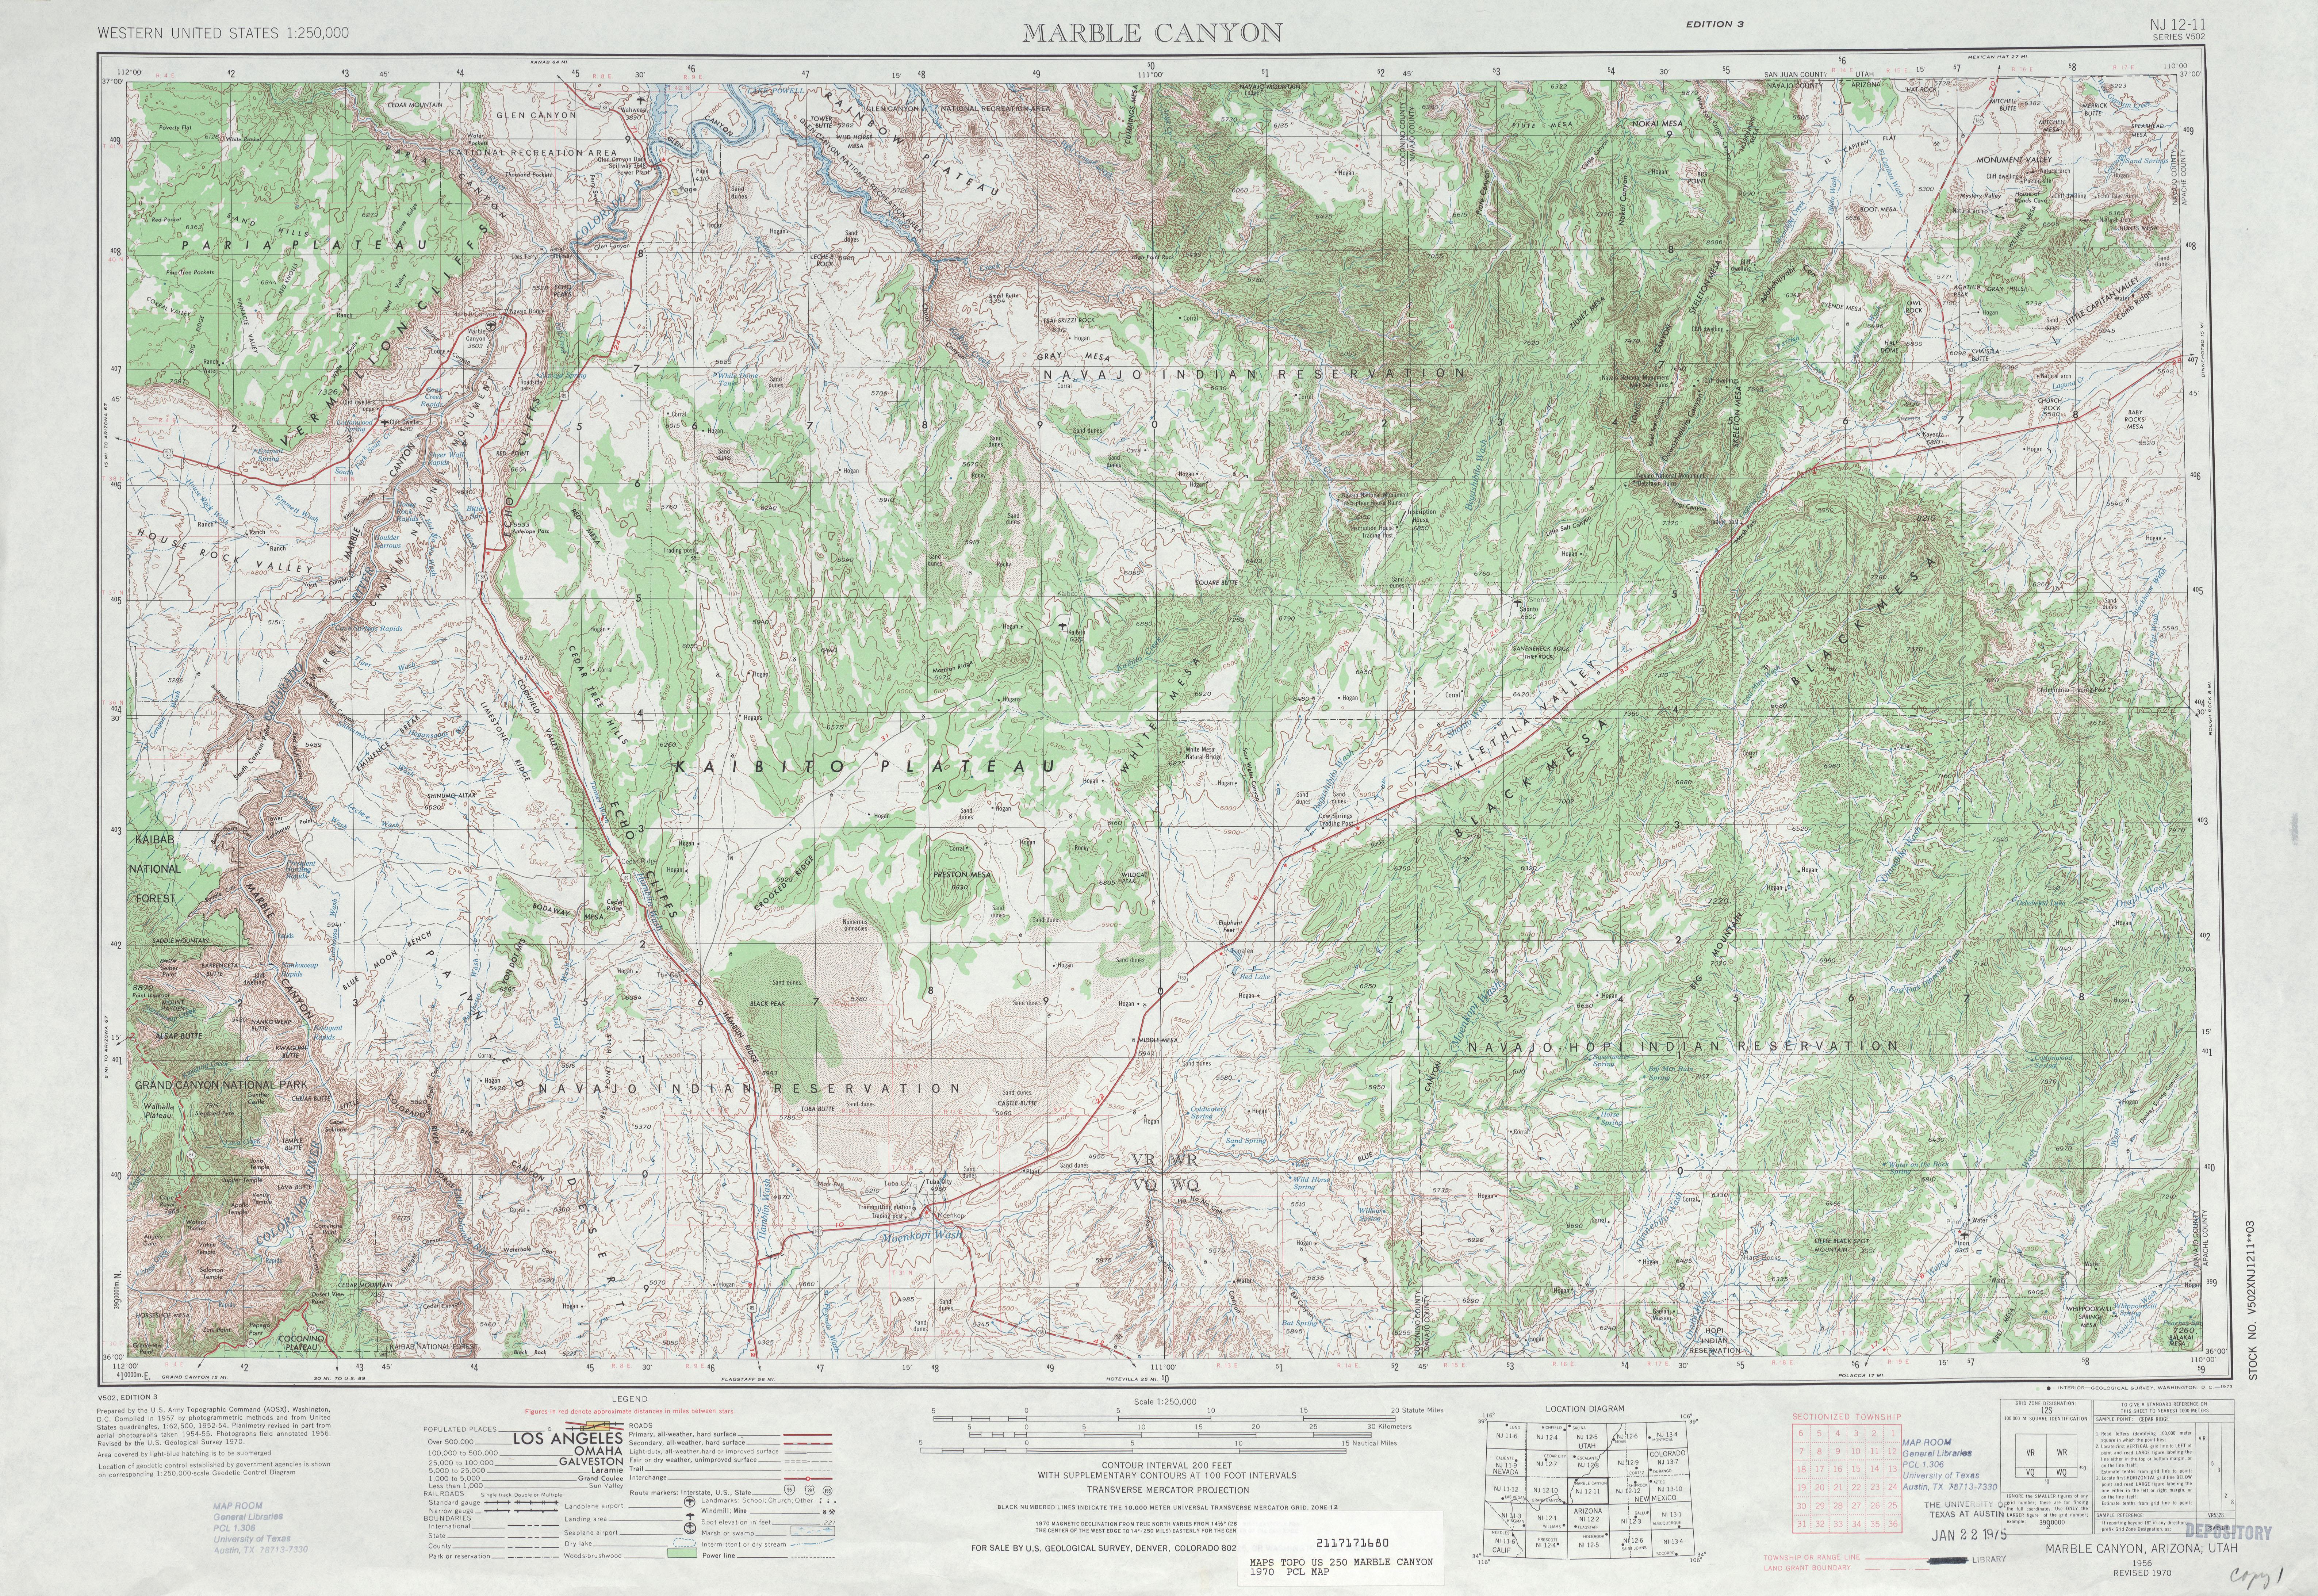 Hoja Marble Canyon del Mapa Topográfico de los Estados Unidos 1970